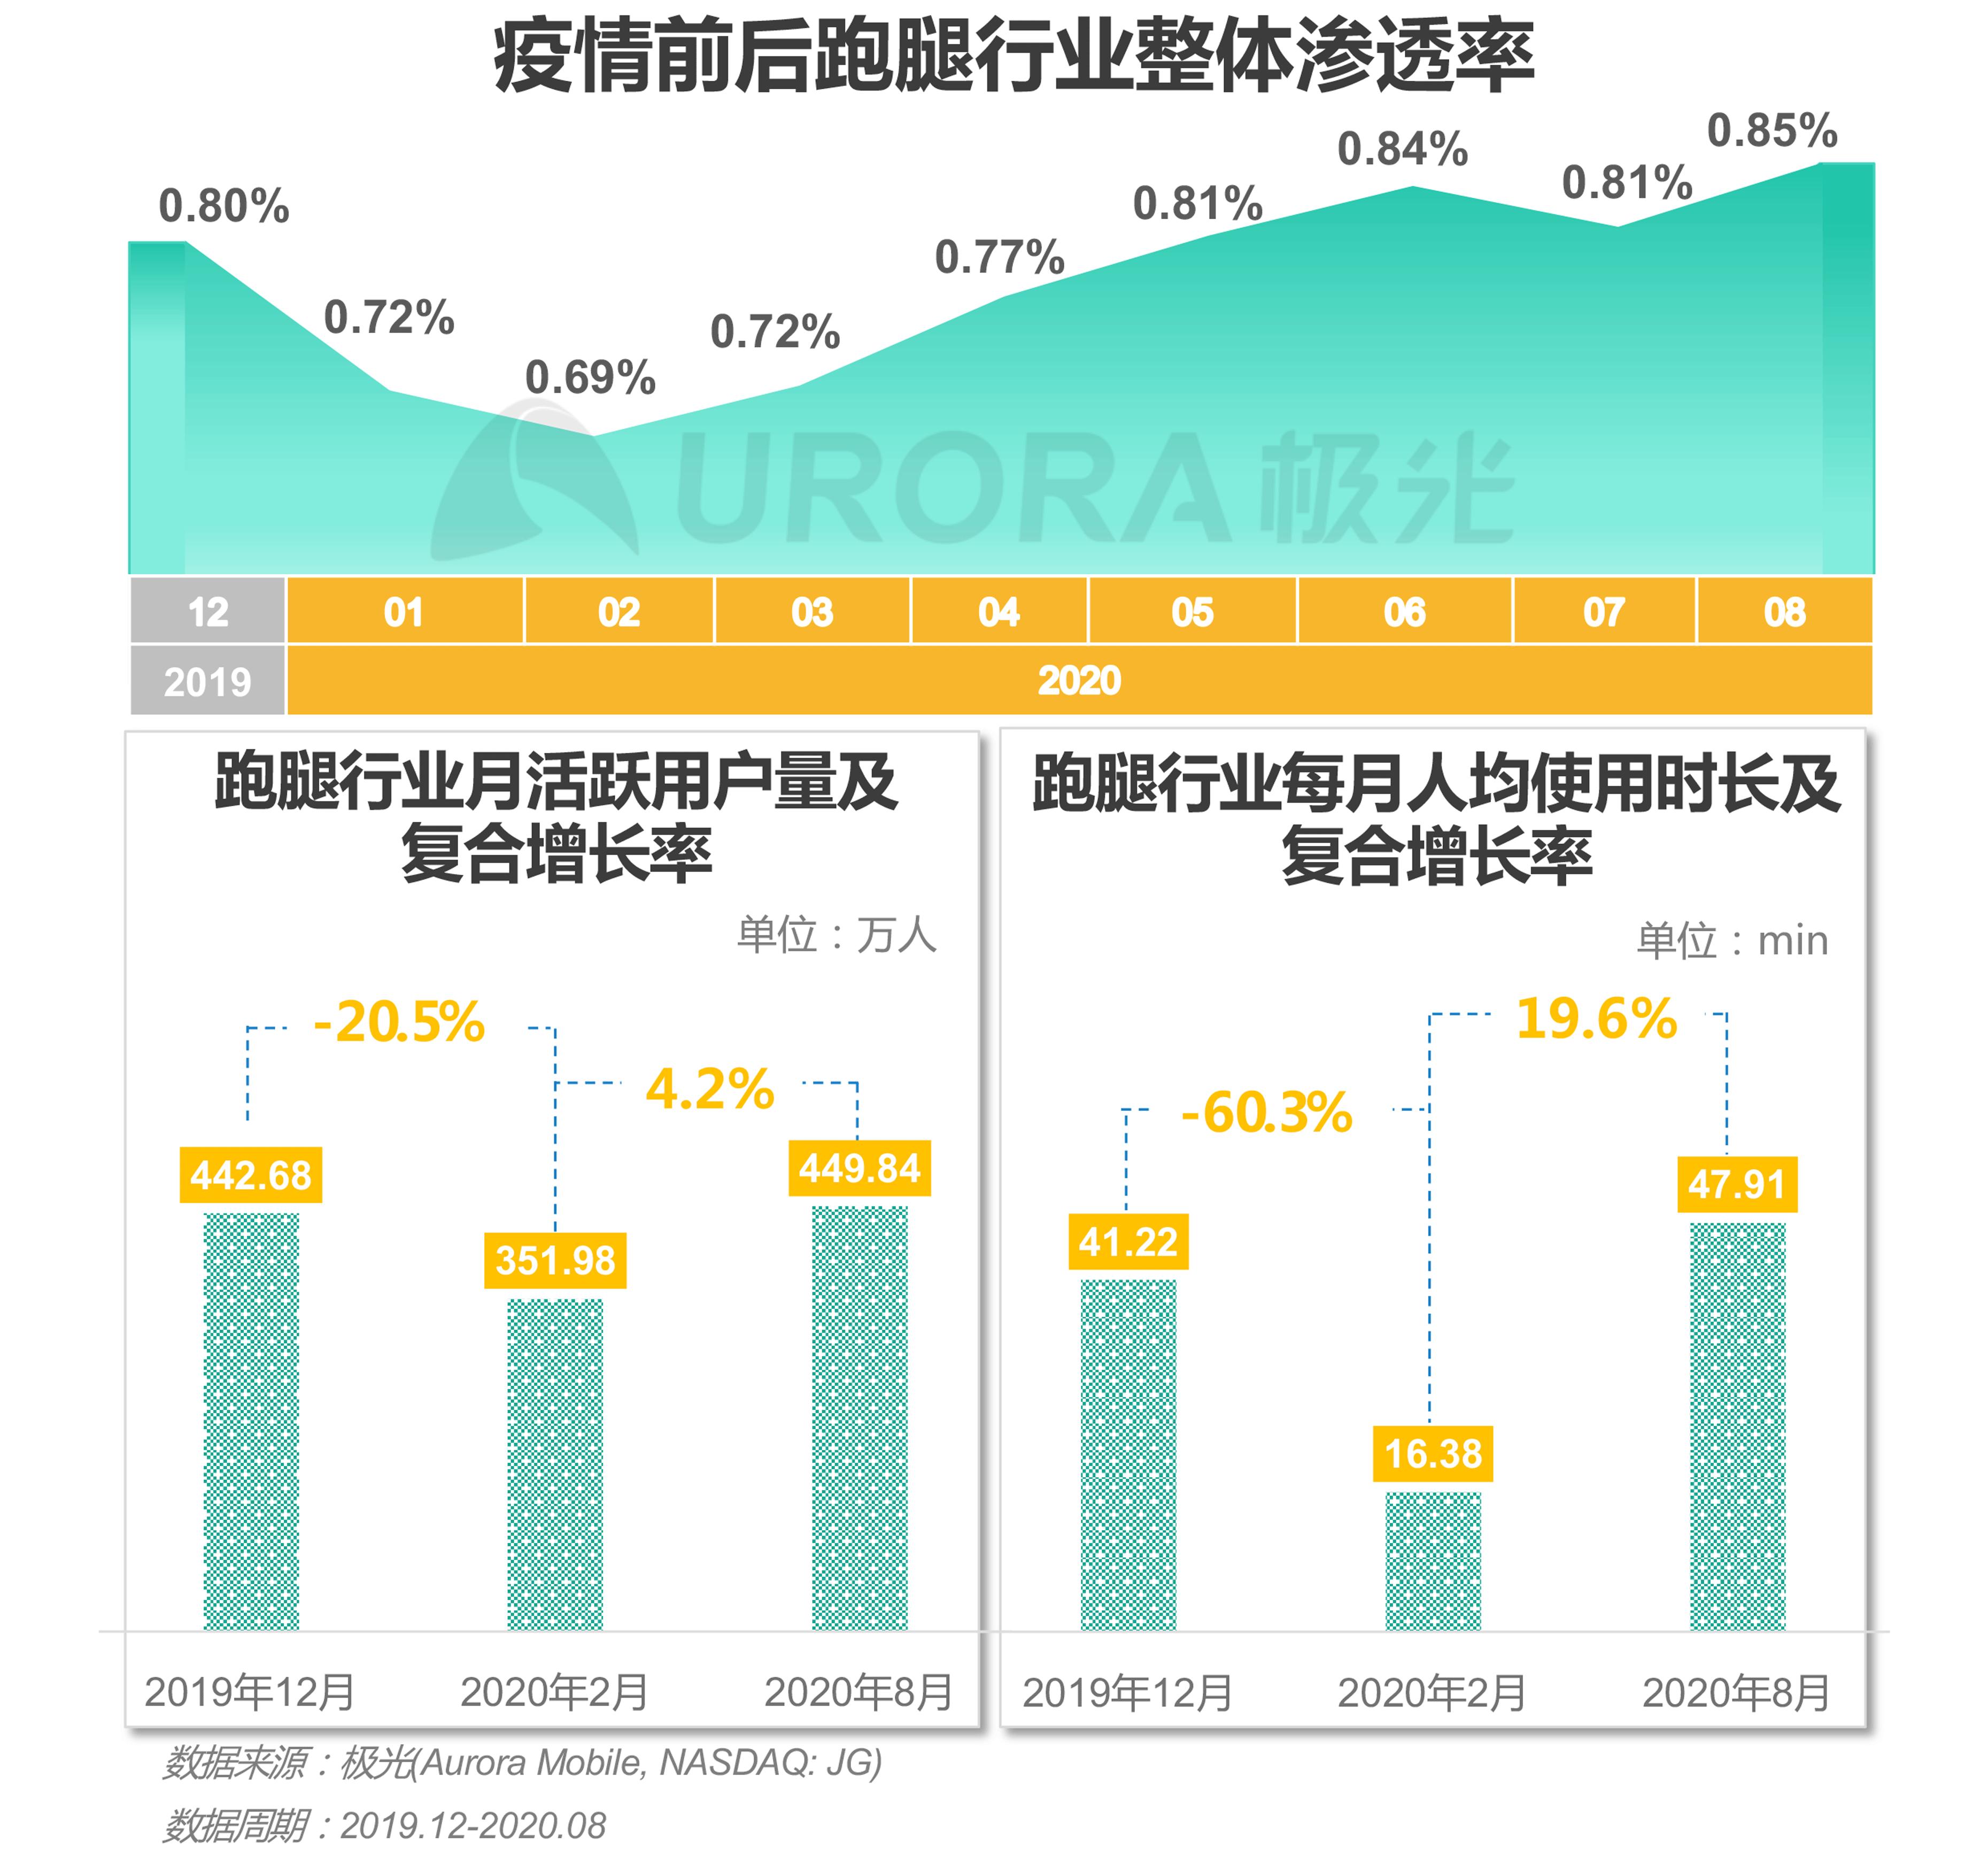 极光:2020年疫情后跑腿行业研究报告 (6).png